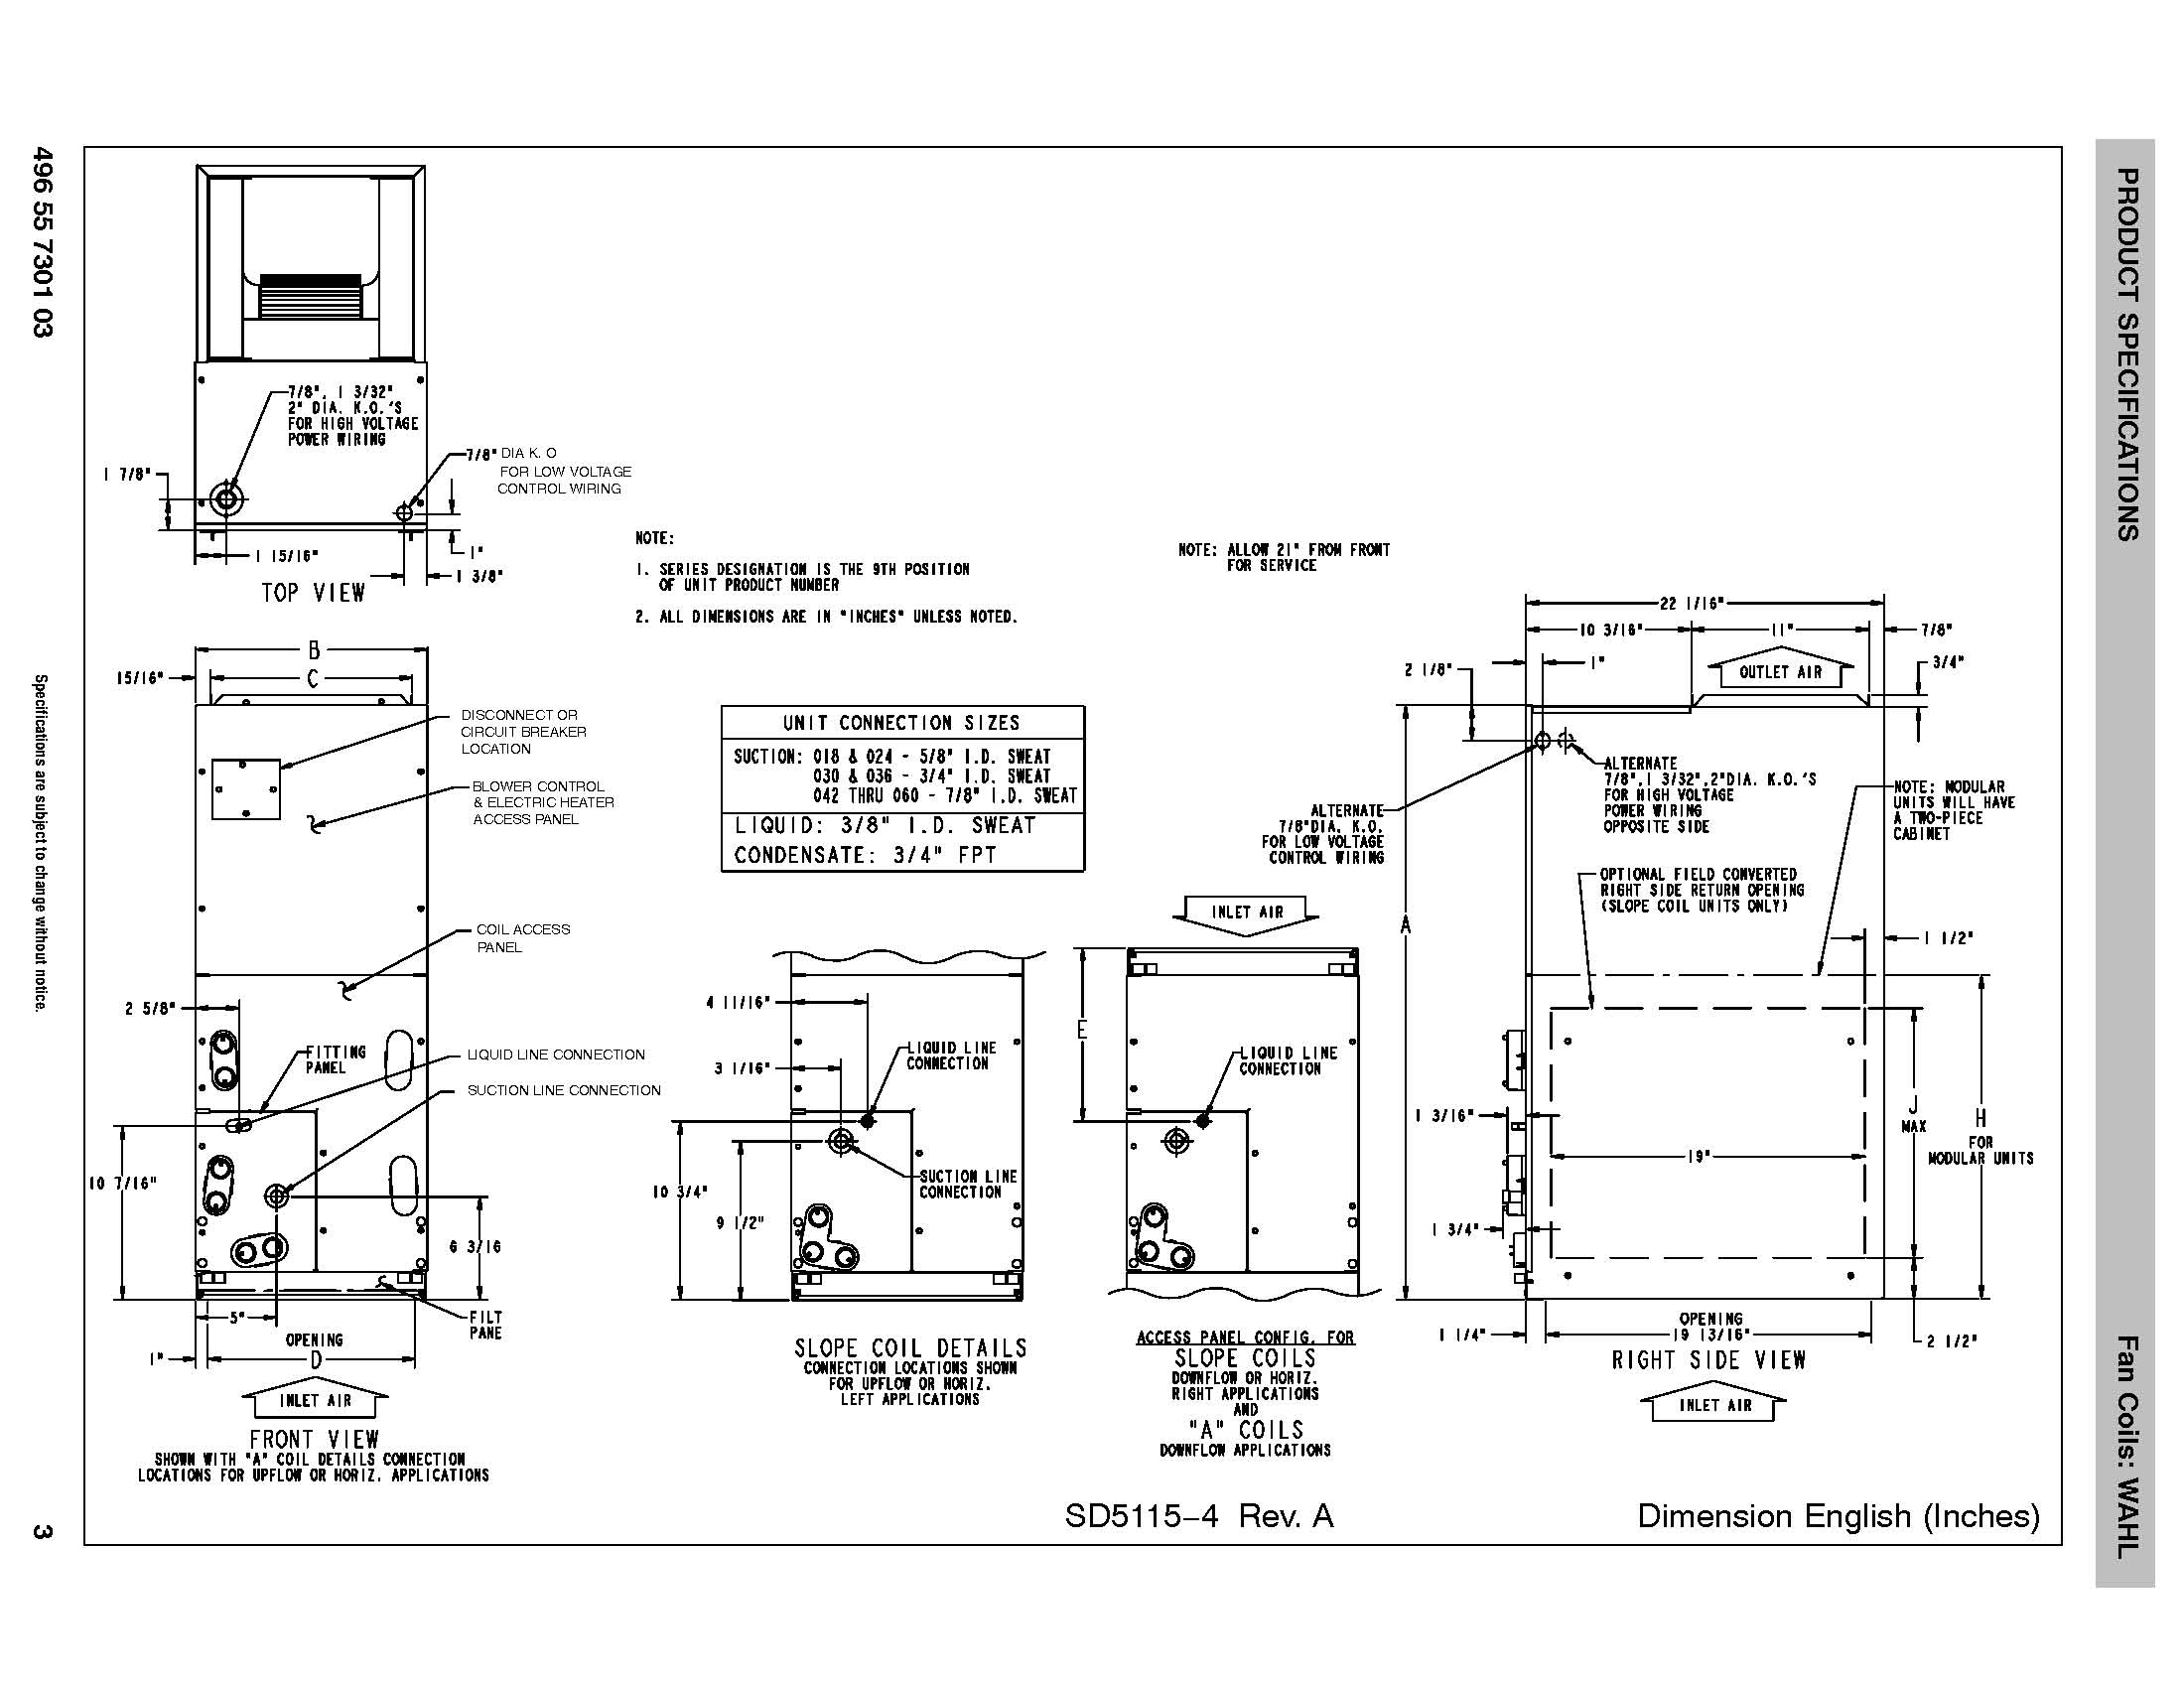 Grandaire wiring diagram evs alarm